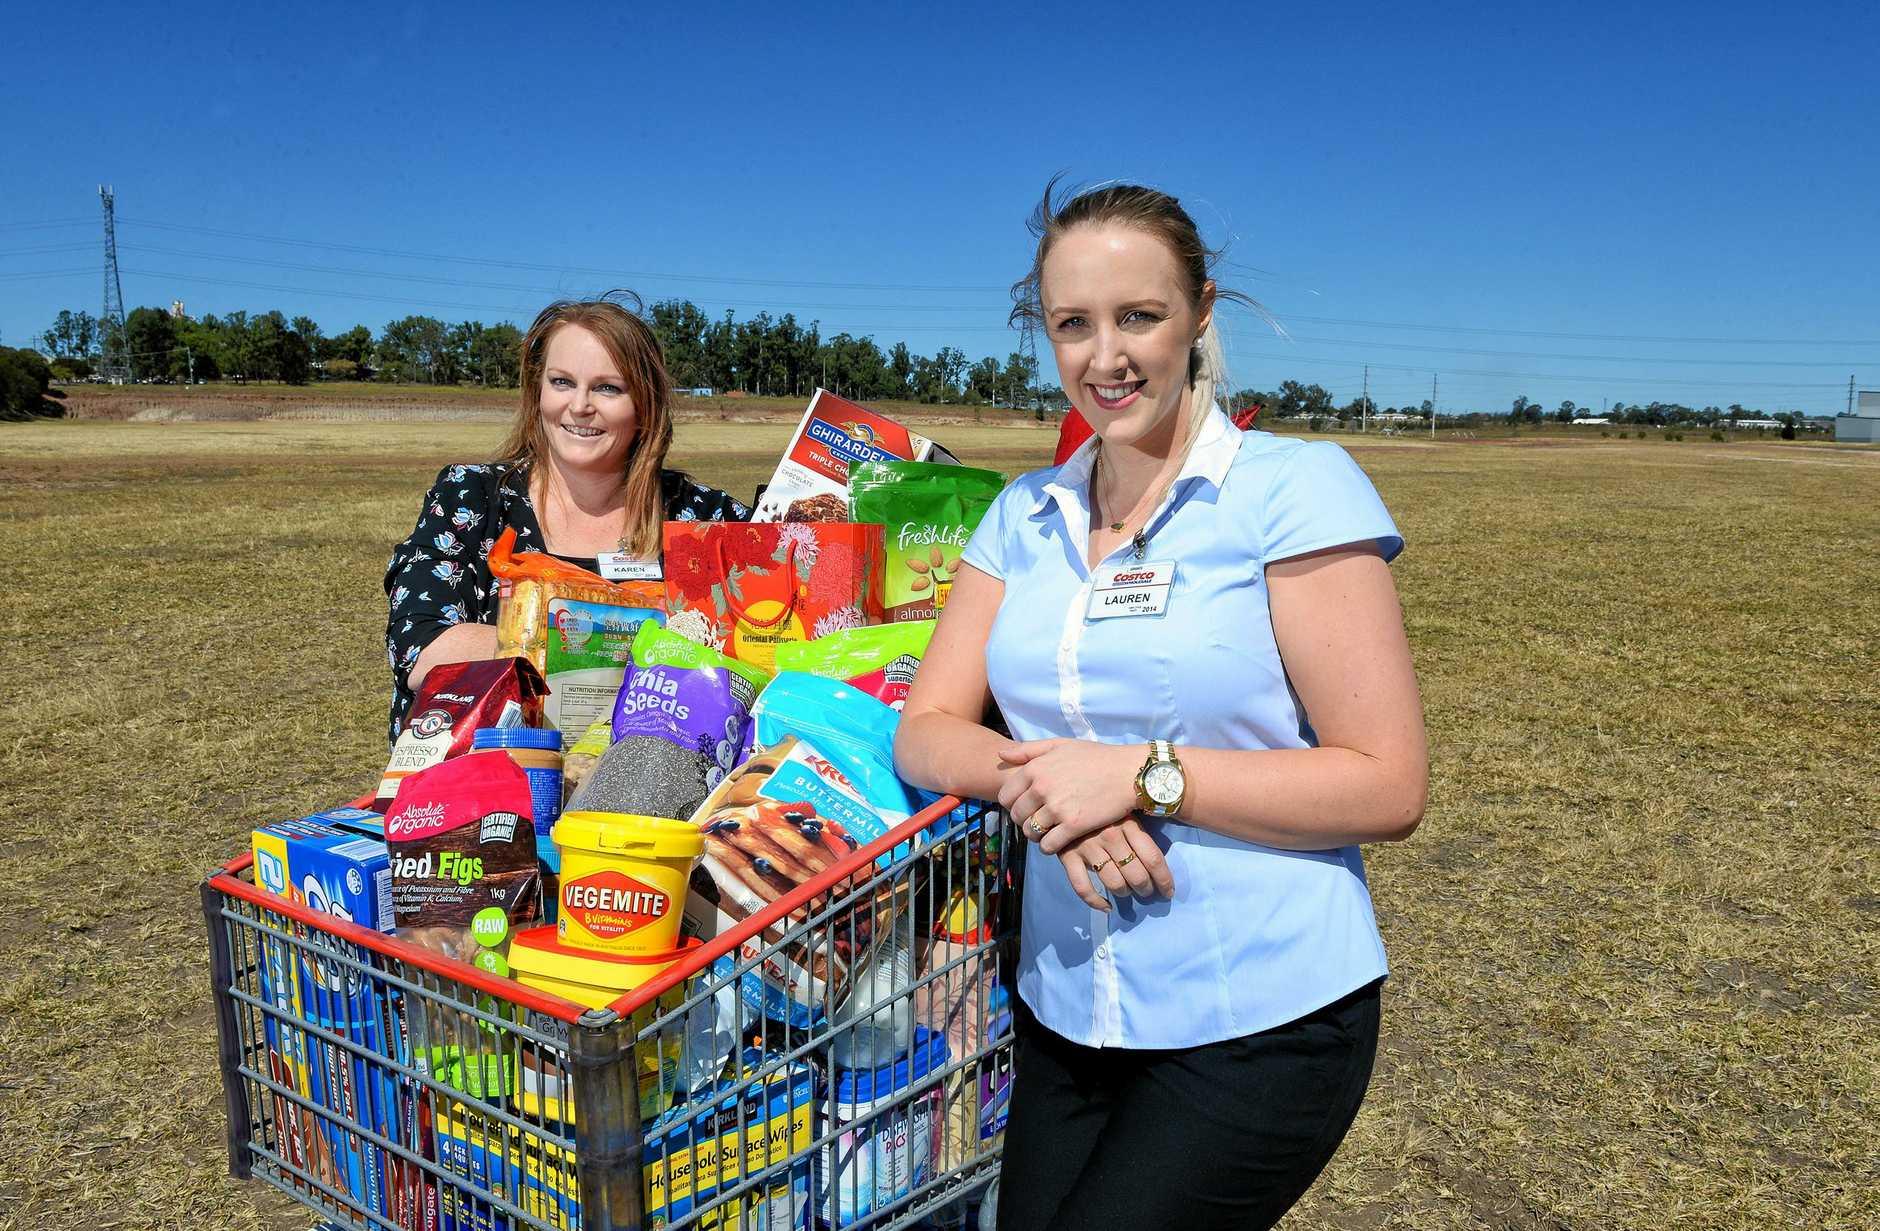 Costco employees Karen and Lauren prepare for the Bundamba store opening this year.